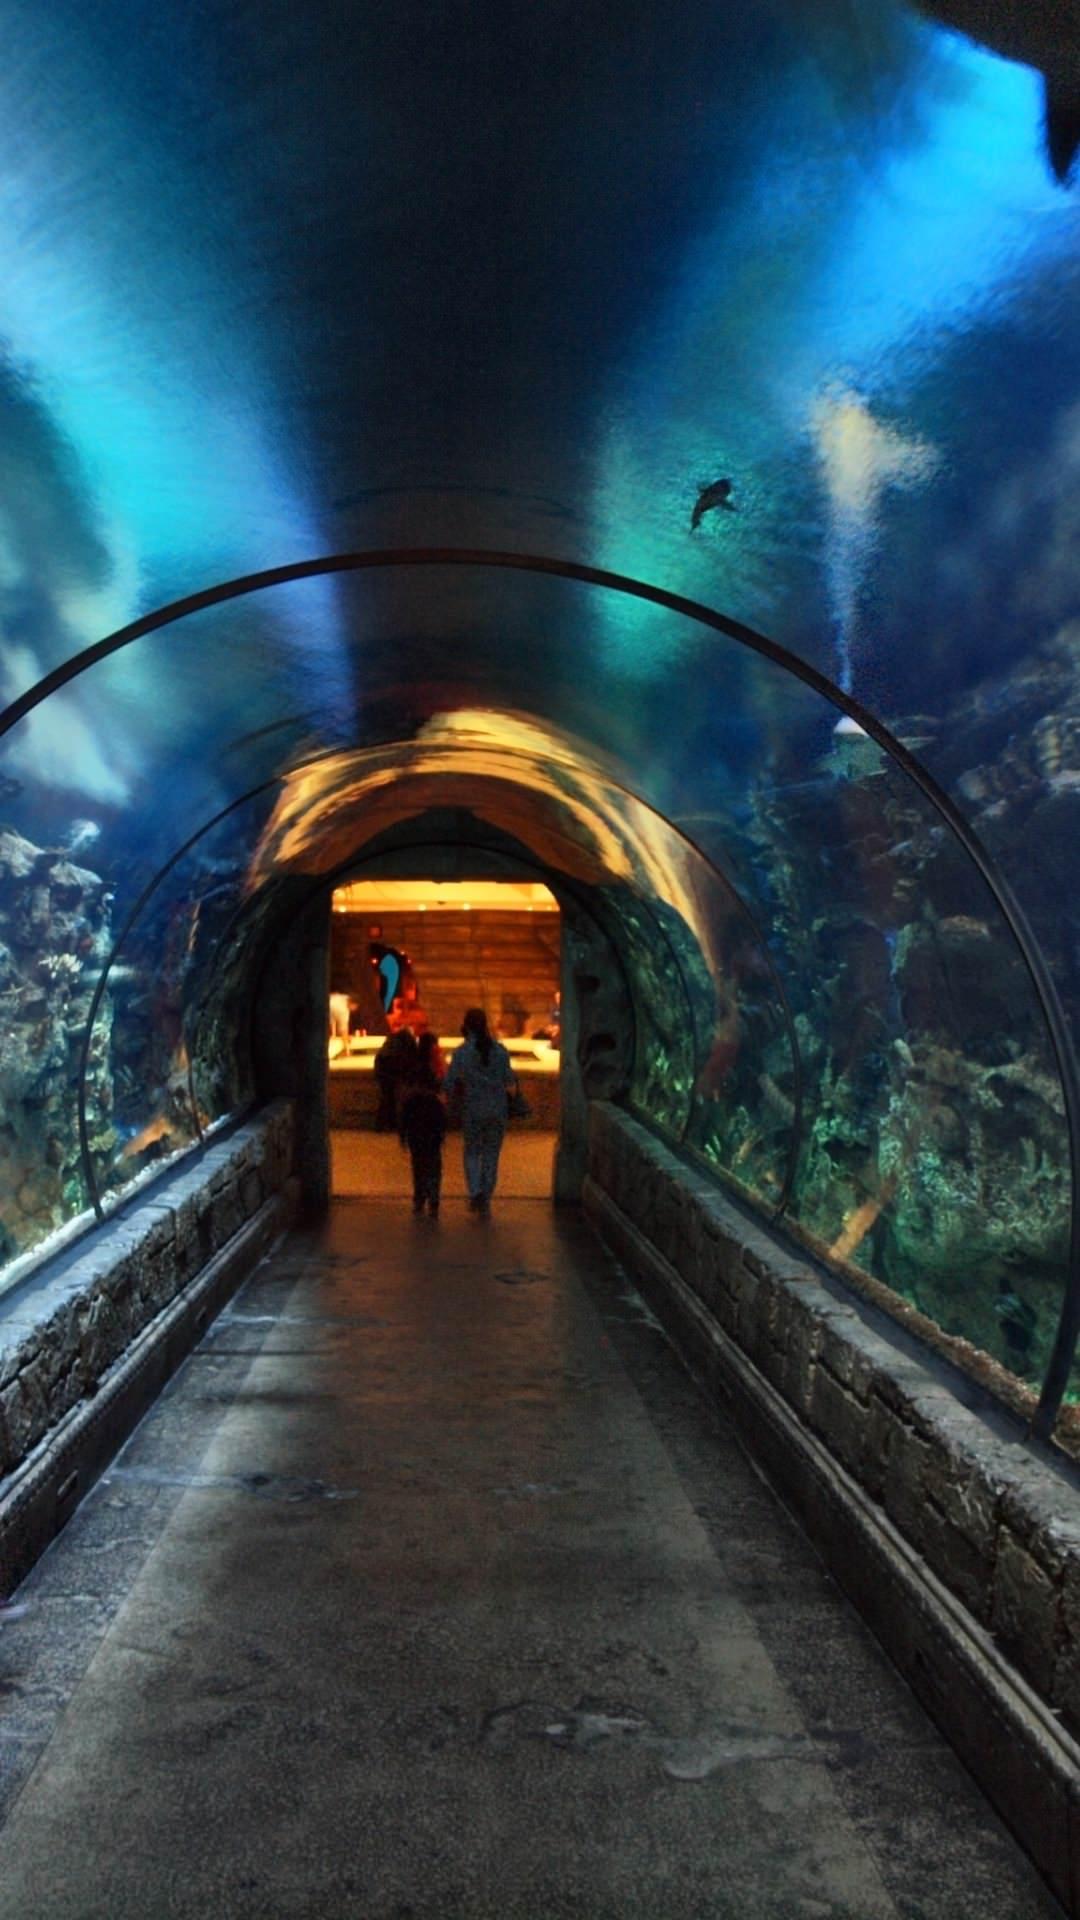 Underwater_Passage_1080x1920